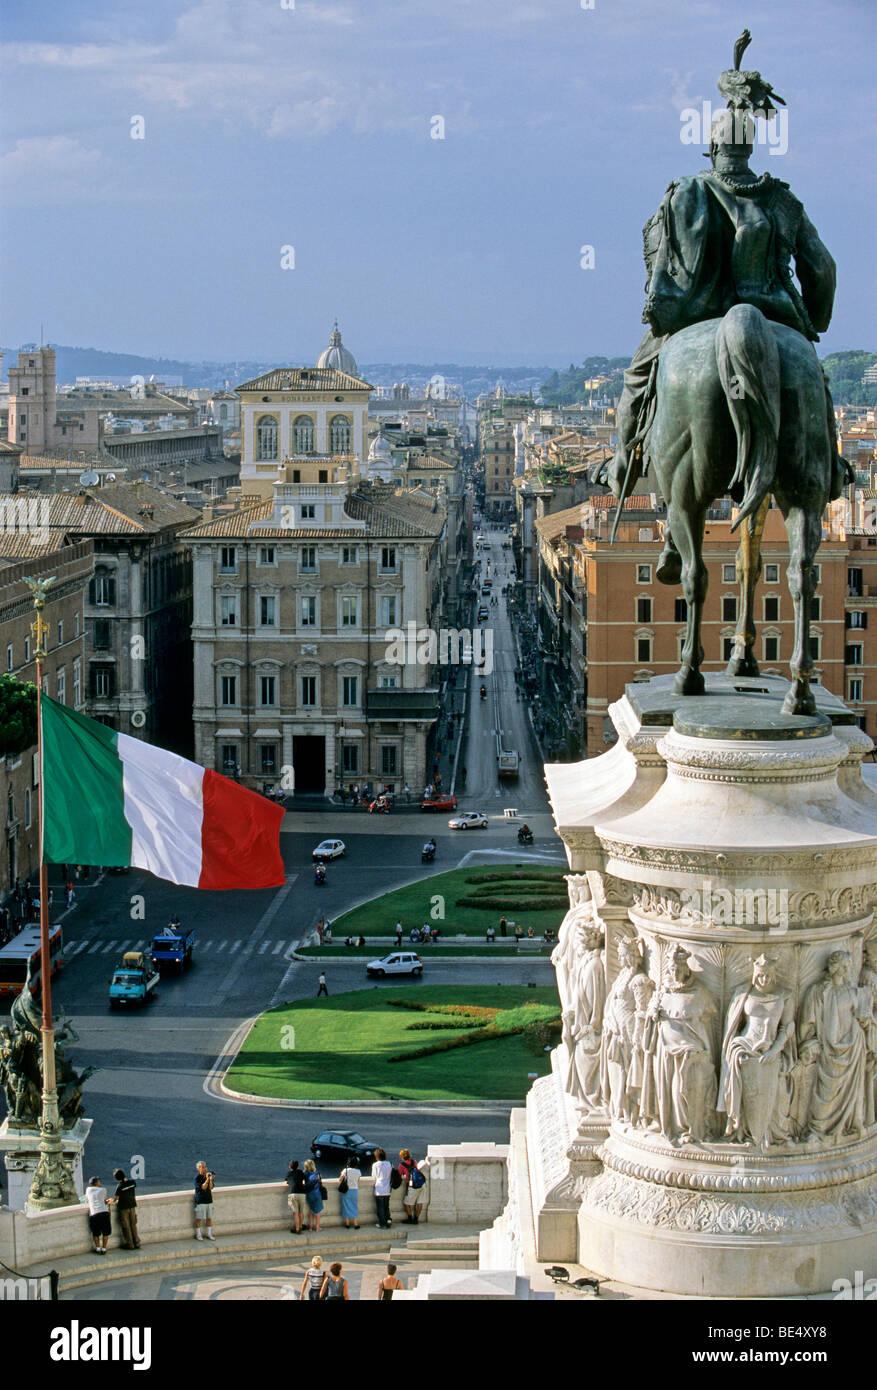 Equestrian Statue, National Monument Vittorio Emanuele II, Piazza Venezia, Via del Corso, Rome, Lazio, Italy, Europe - Stock Image